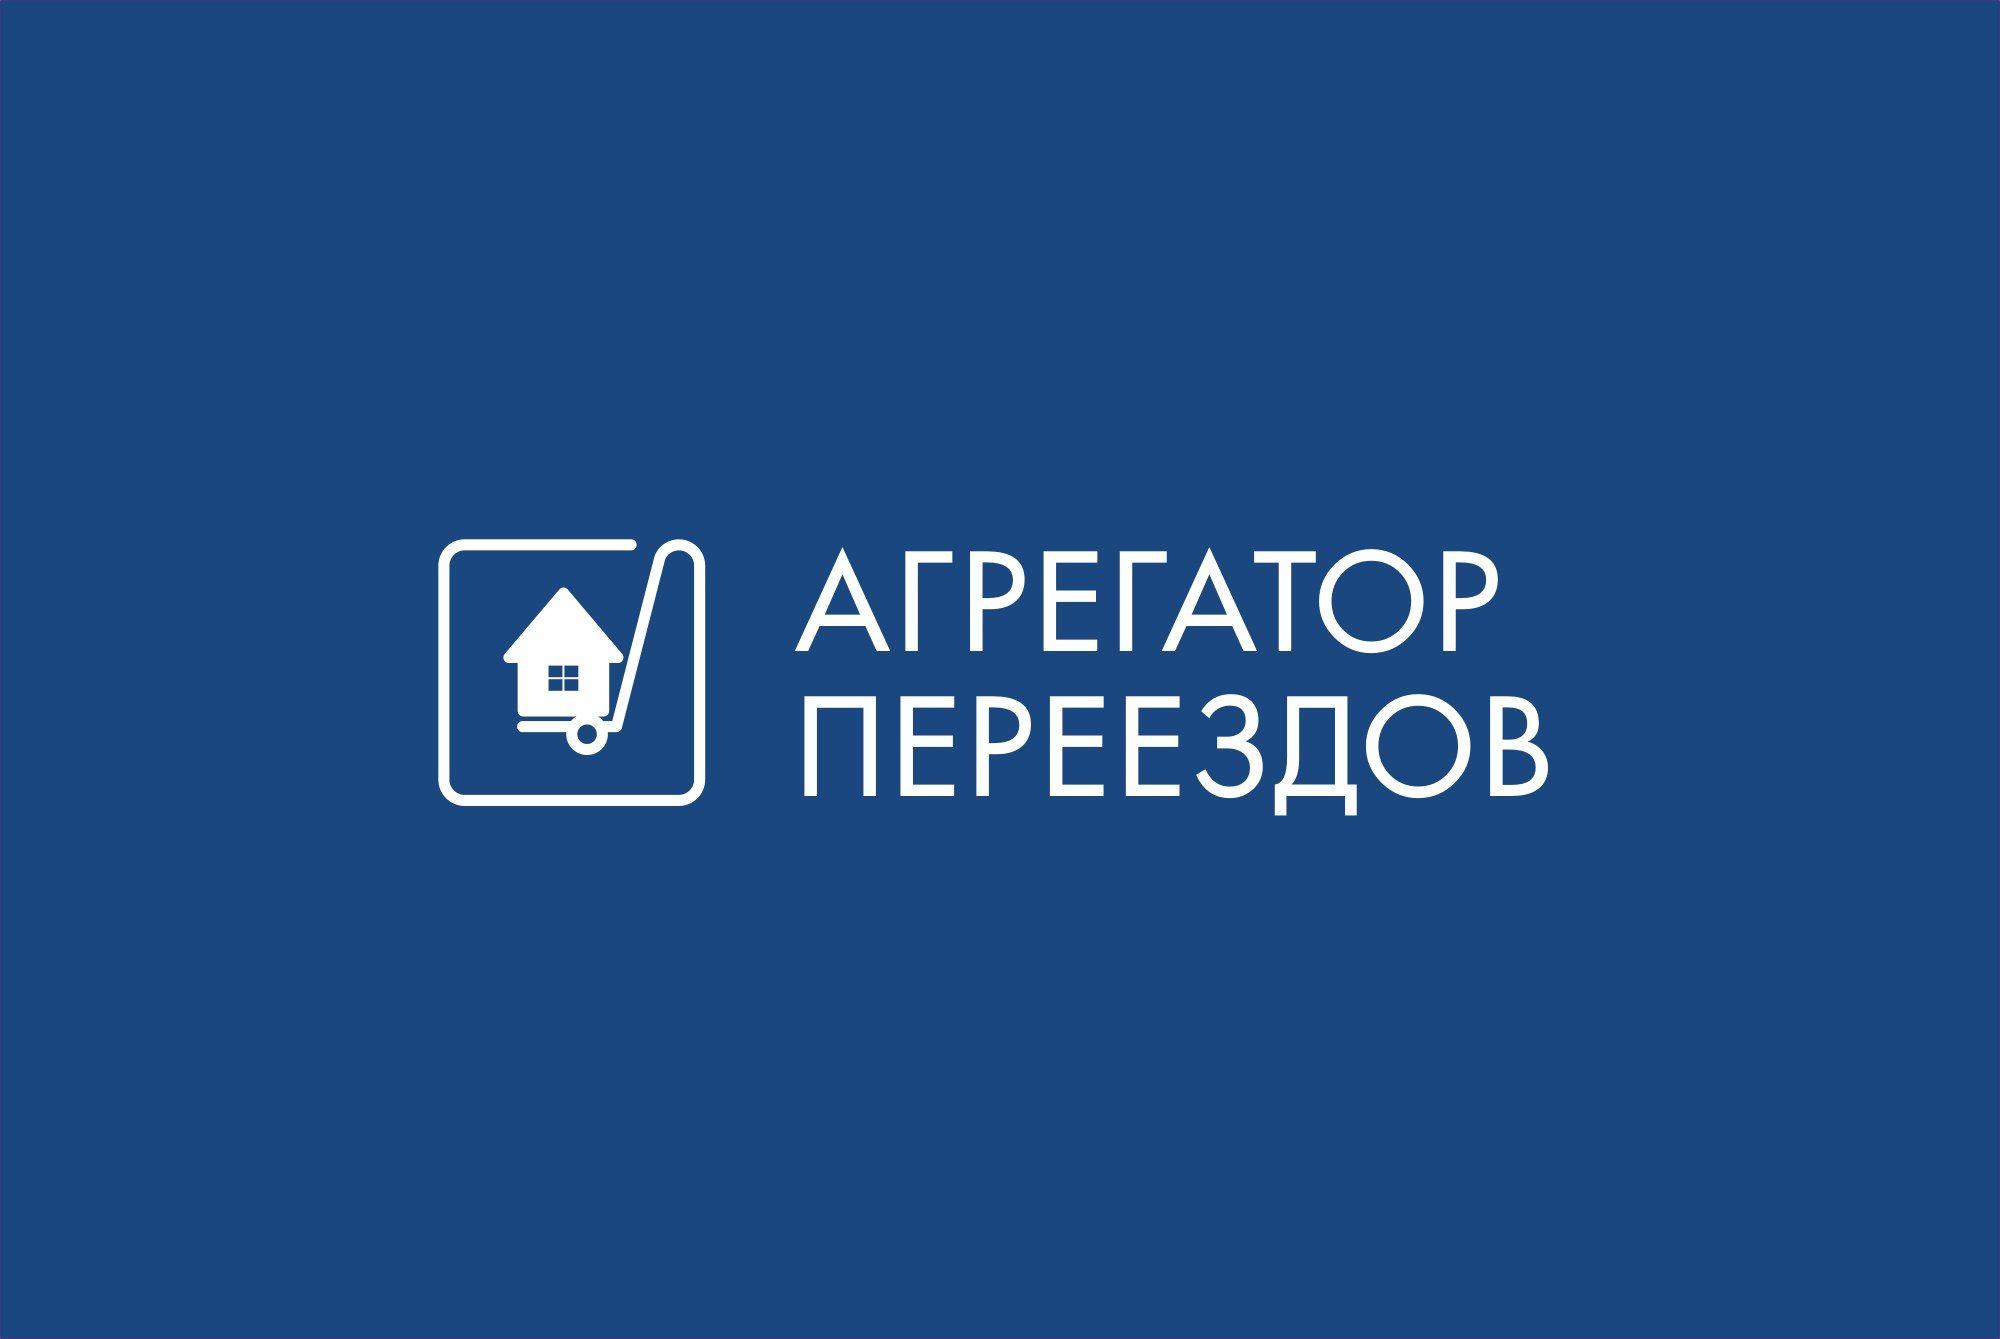 Логотип для компании Агрегатор переездов - дизайнер Nik_Vadim